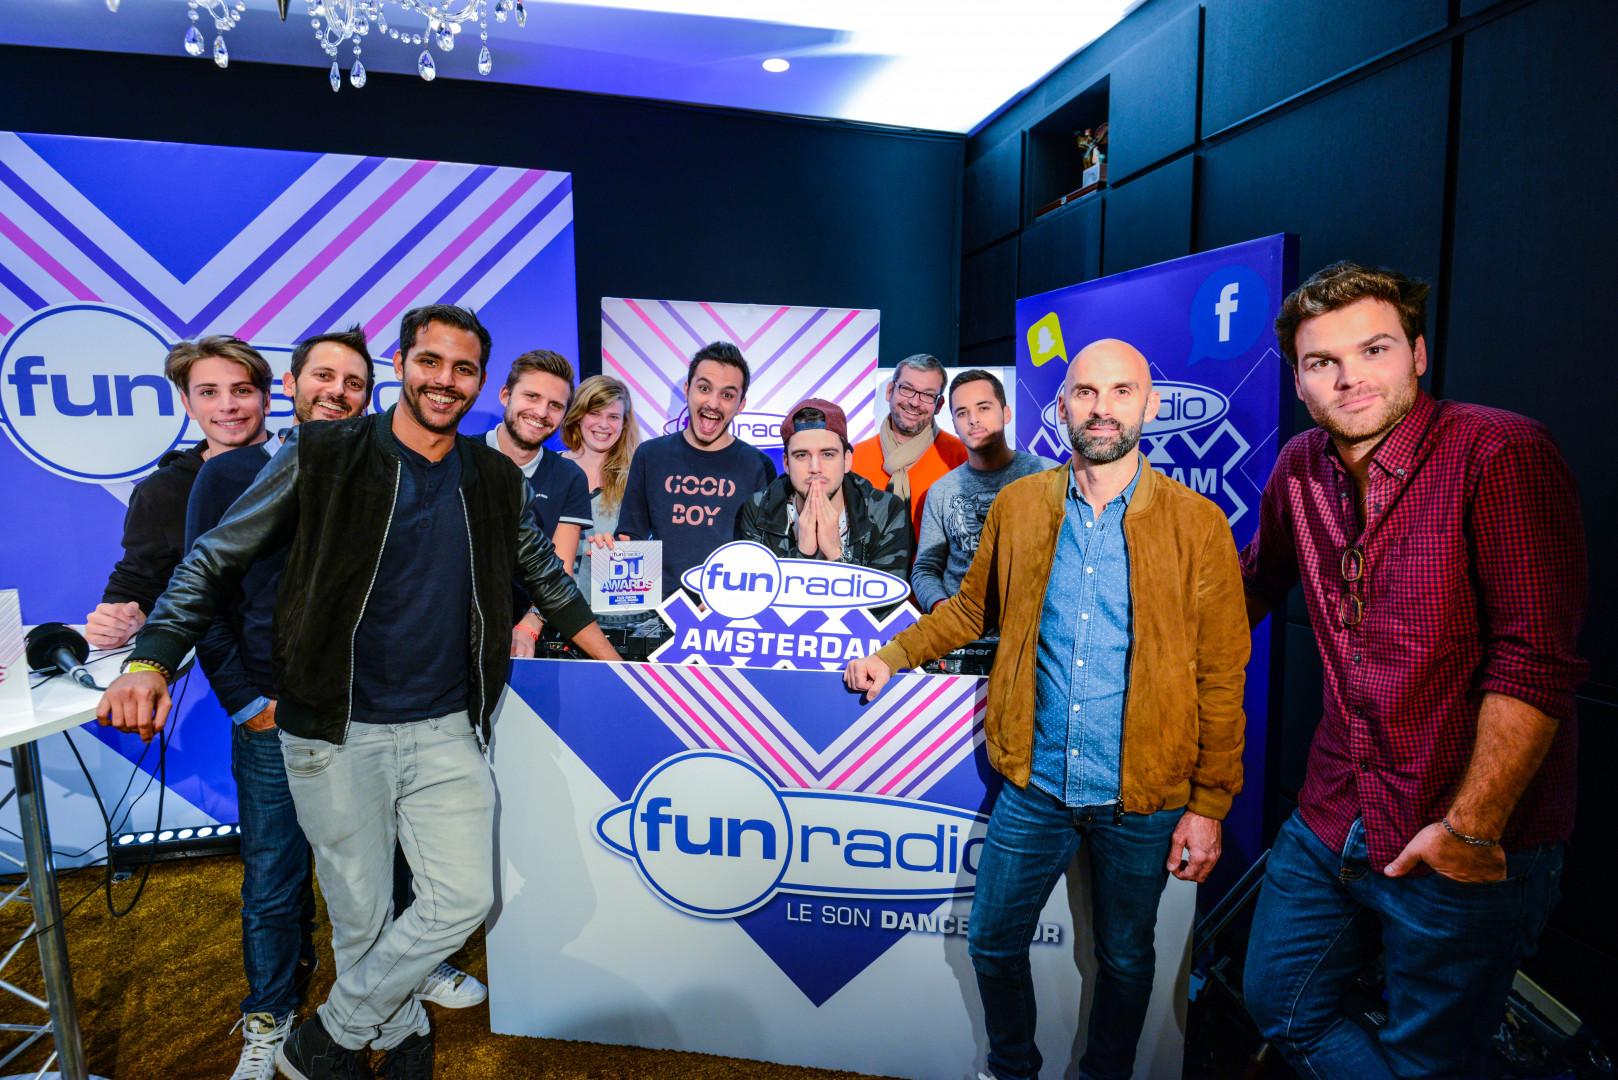 L'équipe Fun Radio